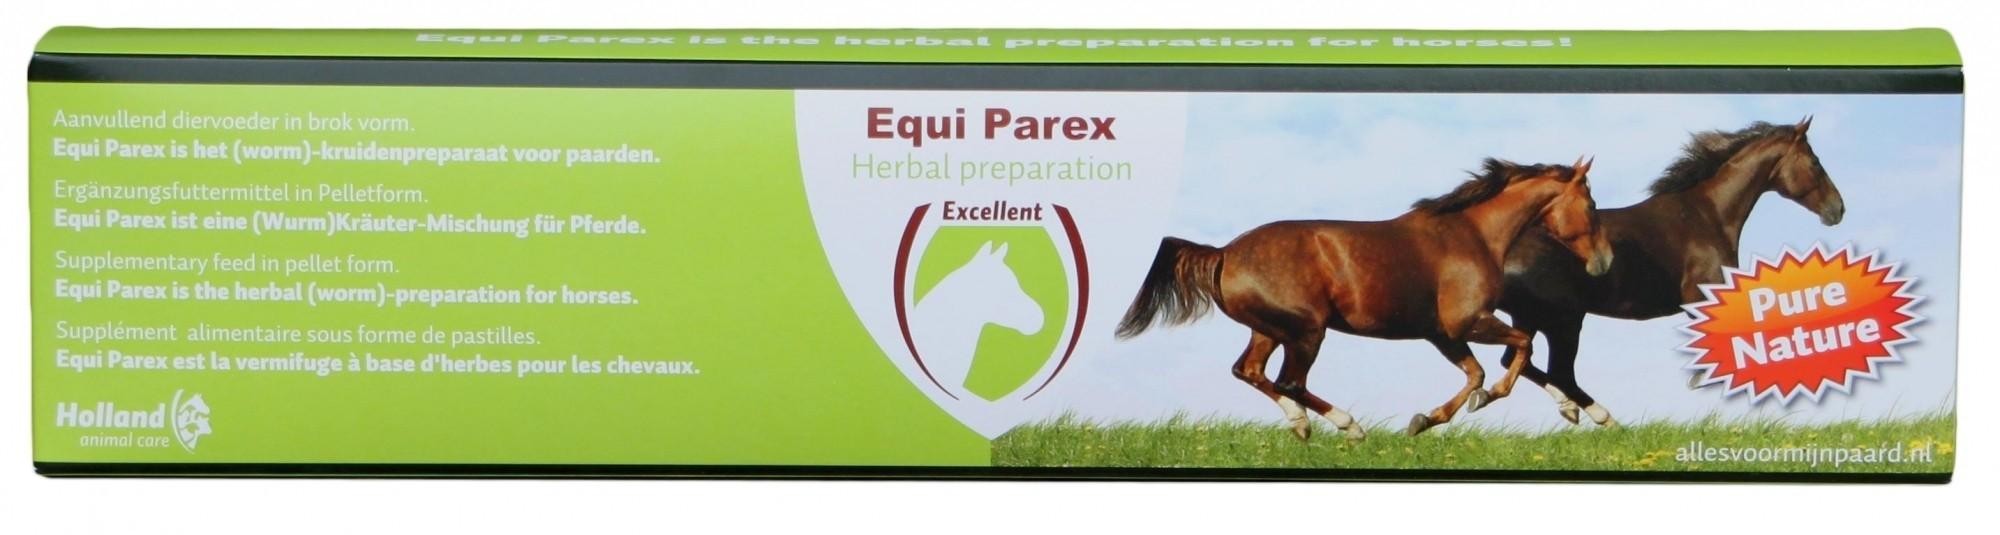 Equi Parex Pellets 5 x 50 gram